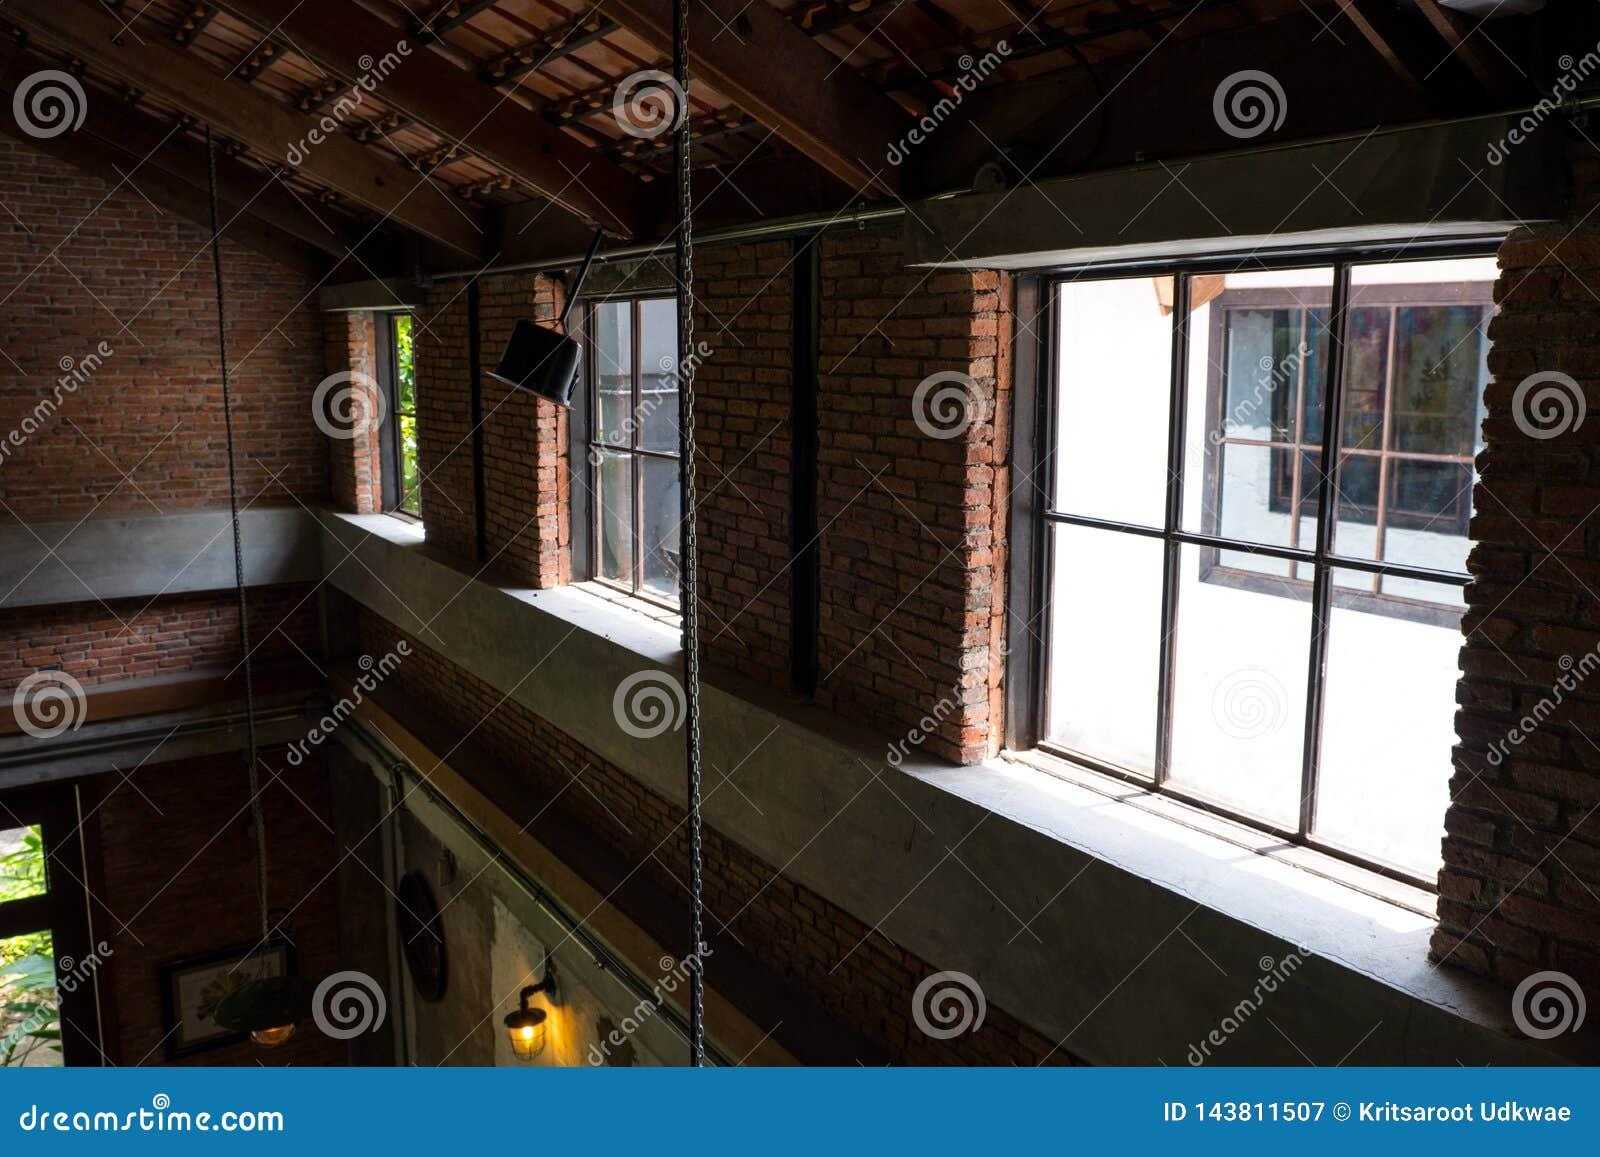 Интерьер просторной квартиры в двухшпиндельном доме